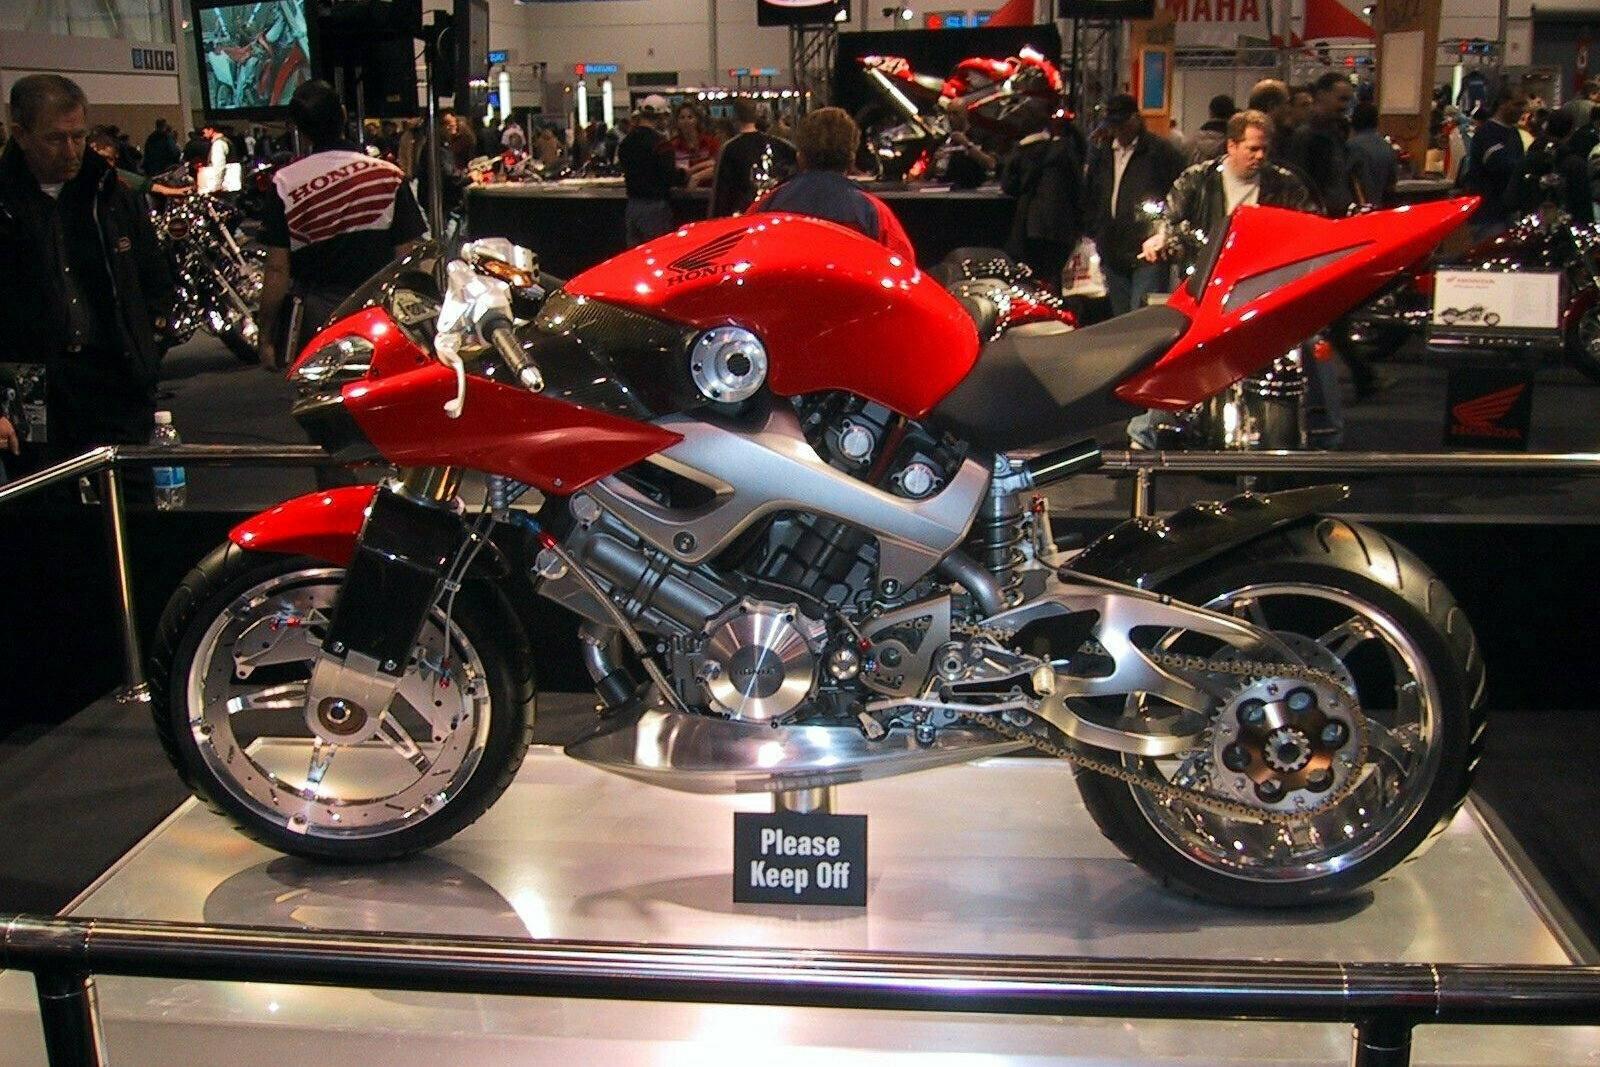 Moto del día: Honda New American Sports (NAS) Concept